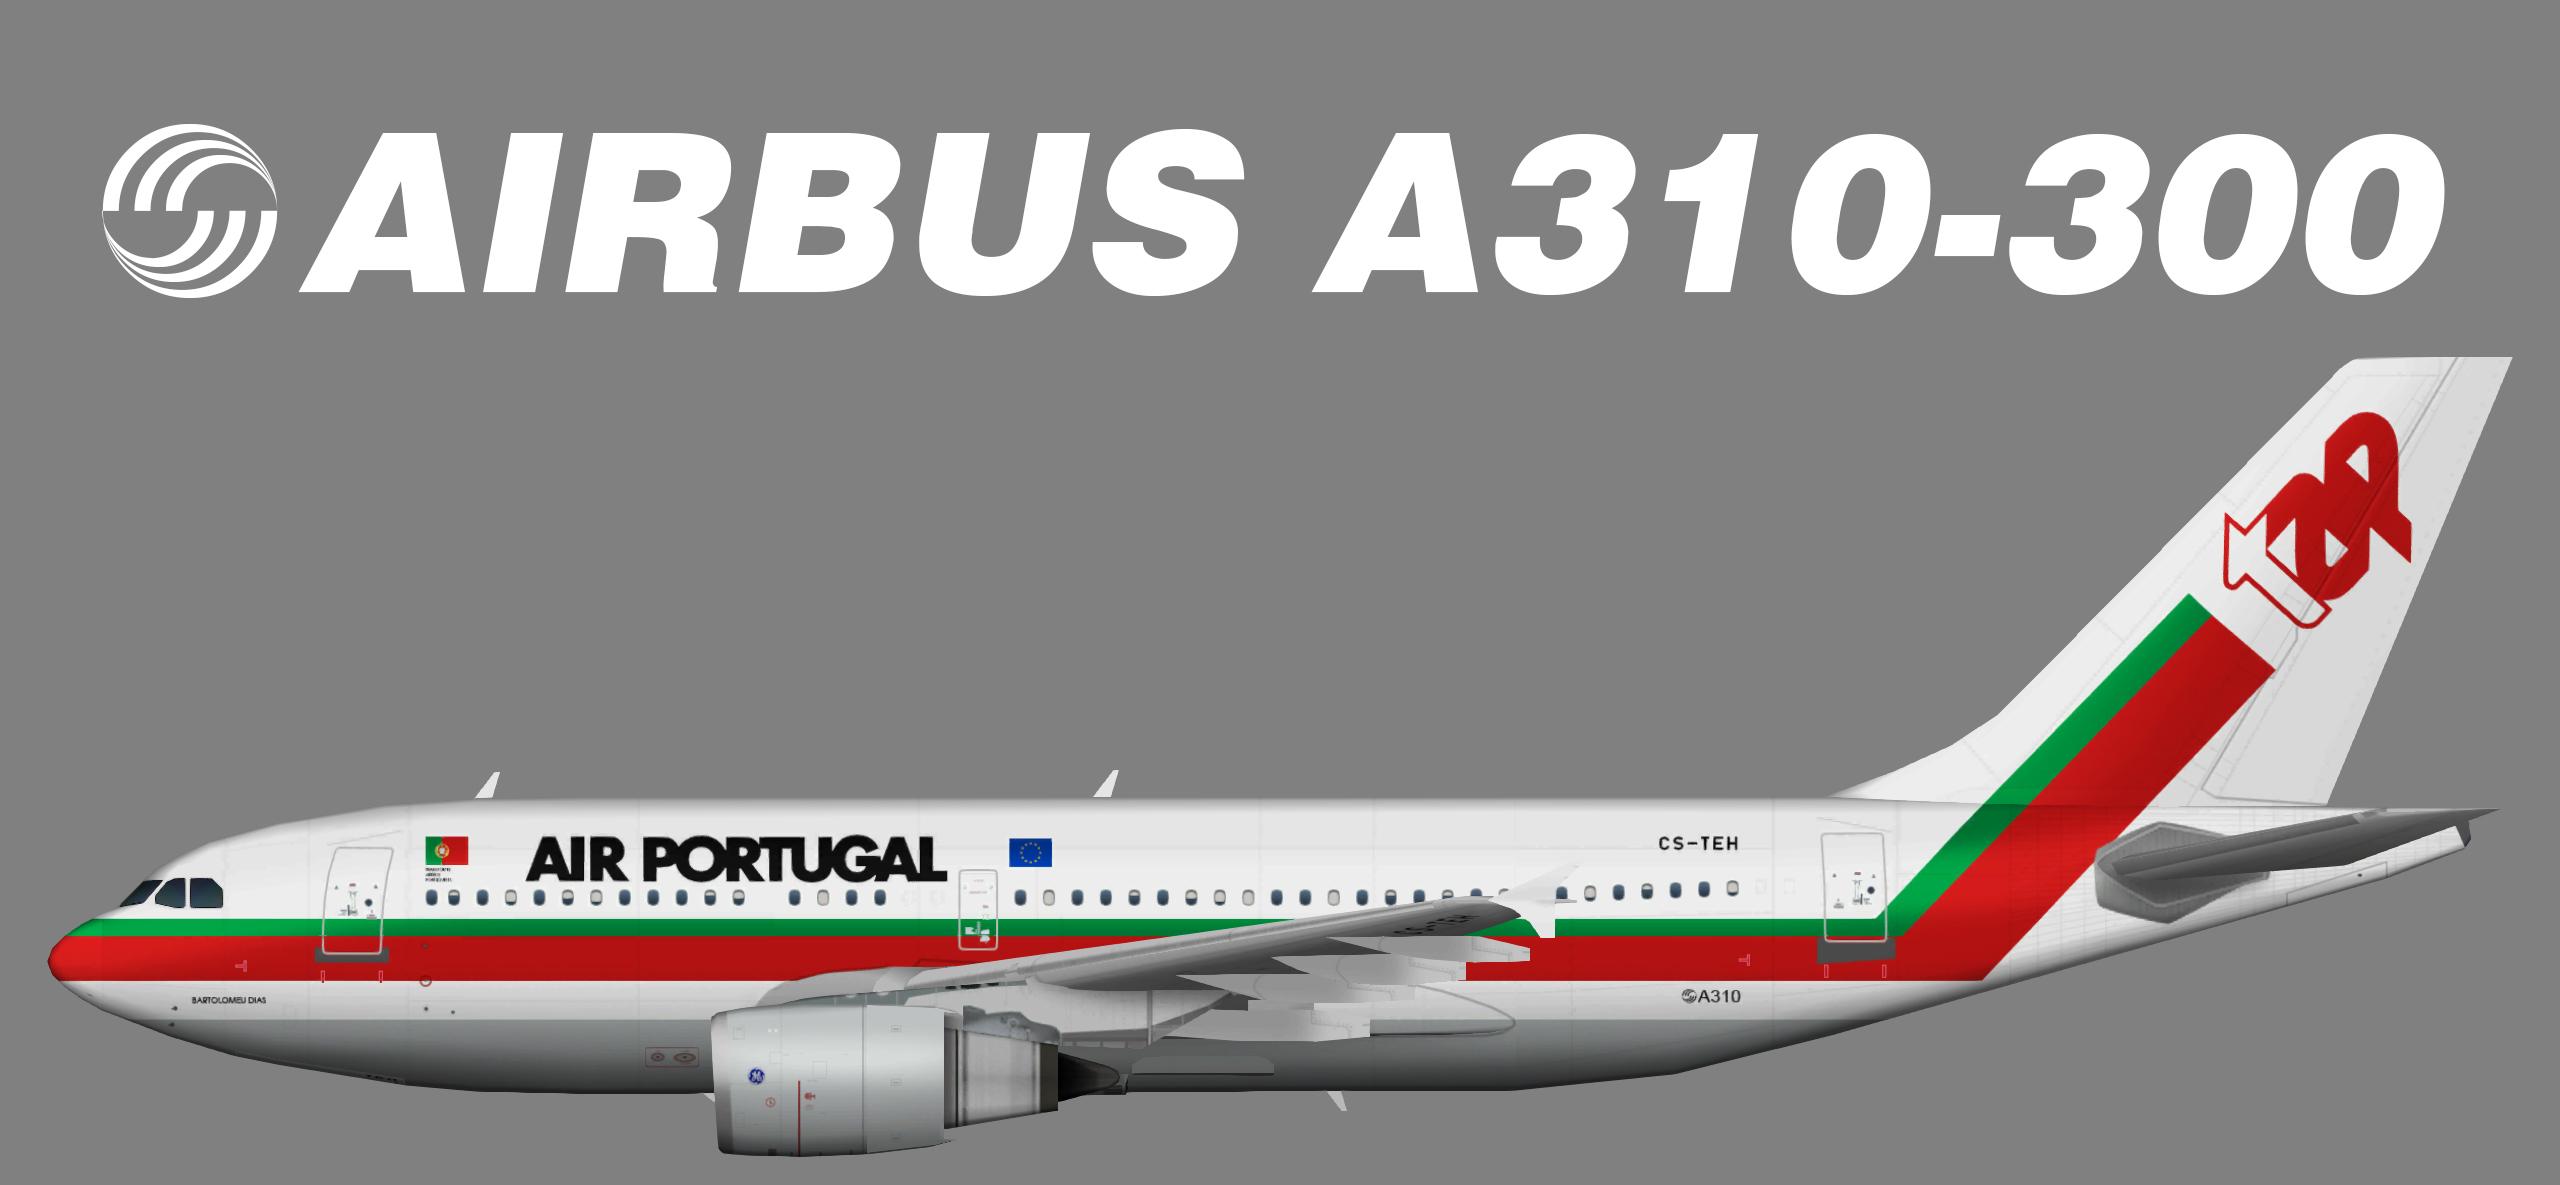 Air Portugal Airbus A310-300